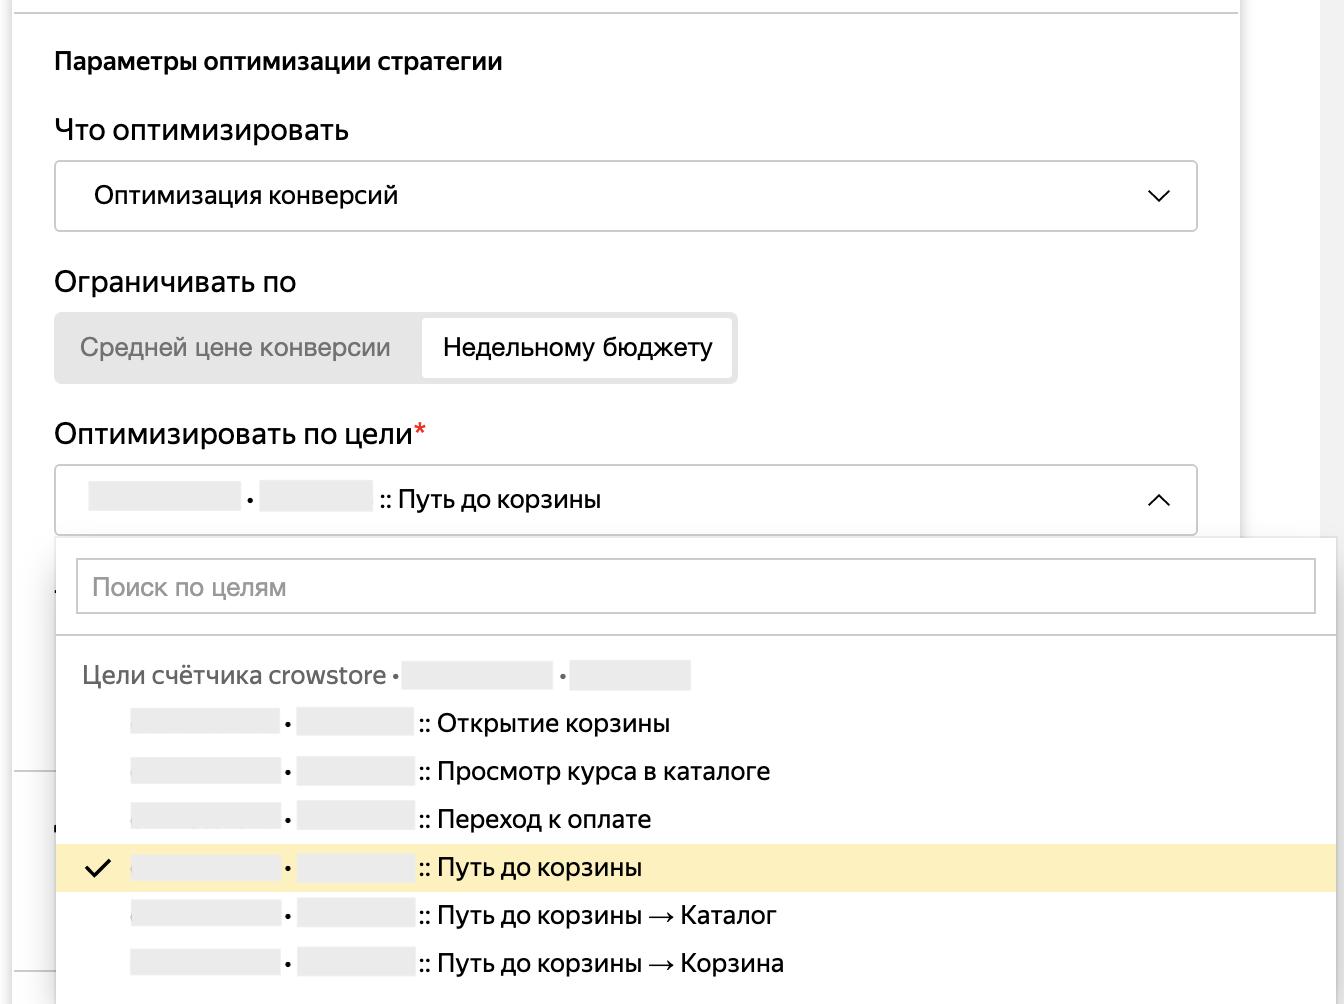 Оптимизация по составной цели в «Яндекс.Метрике»